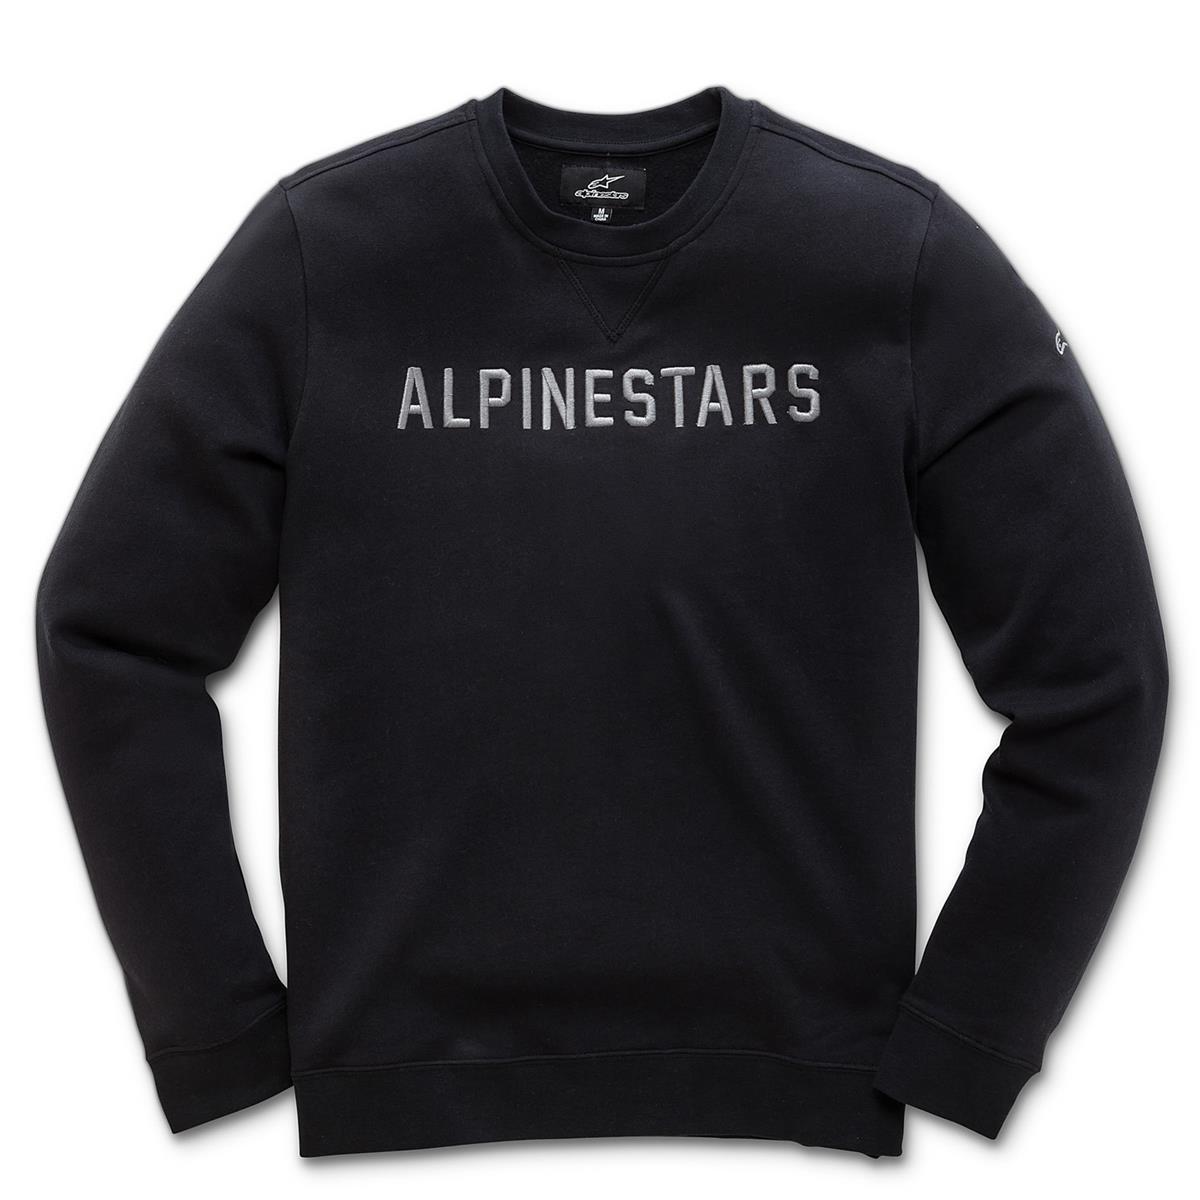 Alpinestars Pullover Distance Schwarz